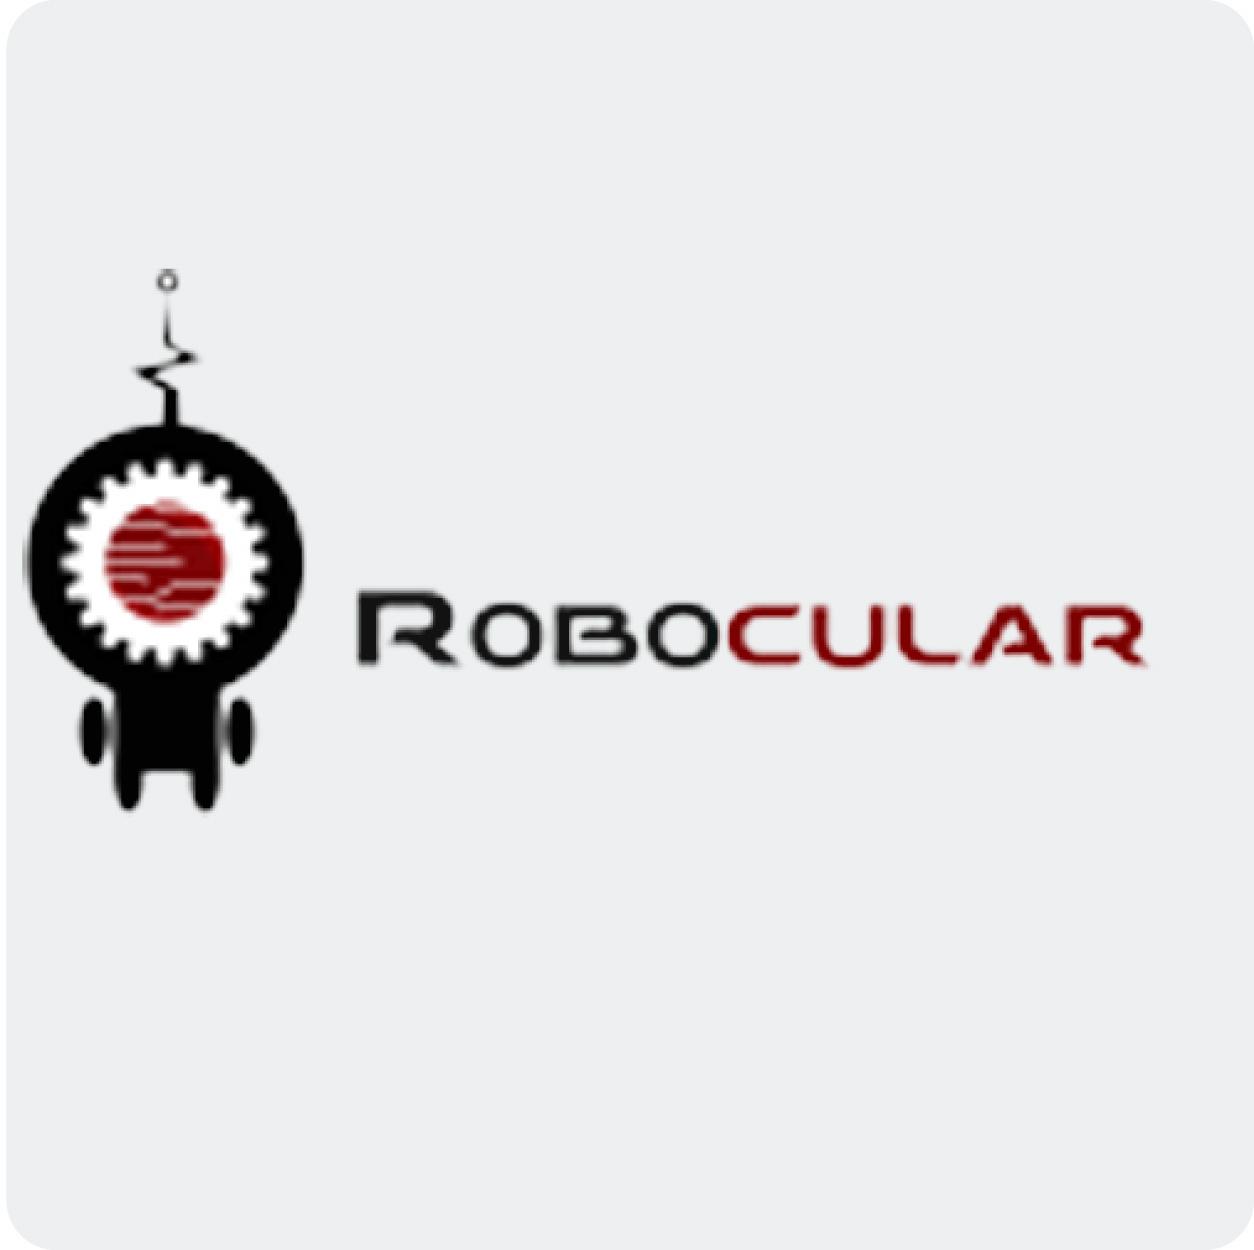 robocular_withbackground.jpg